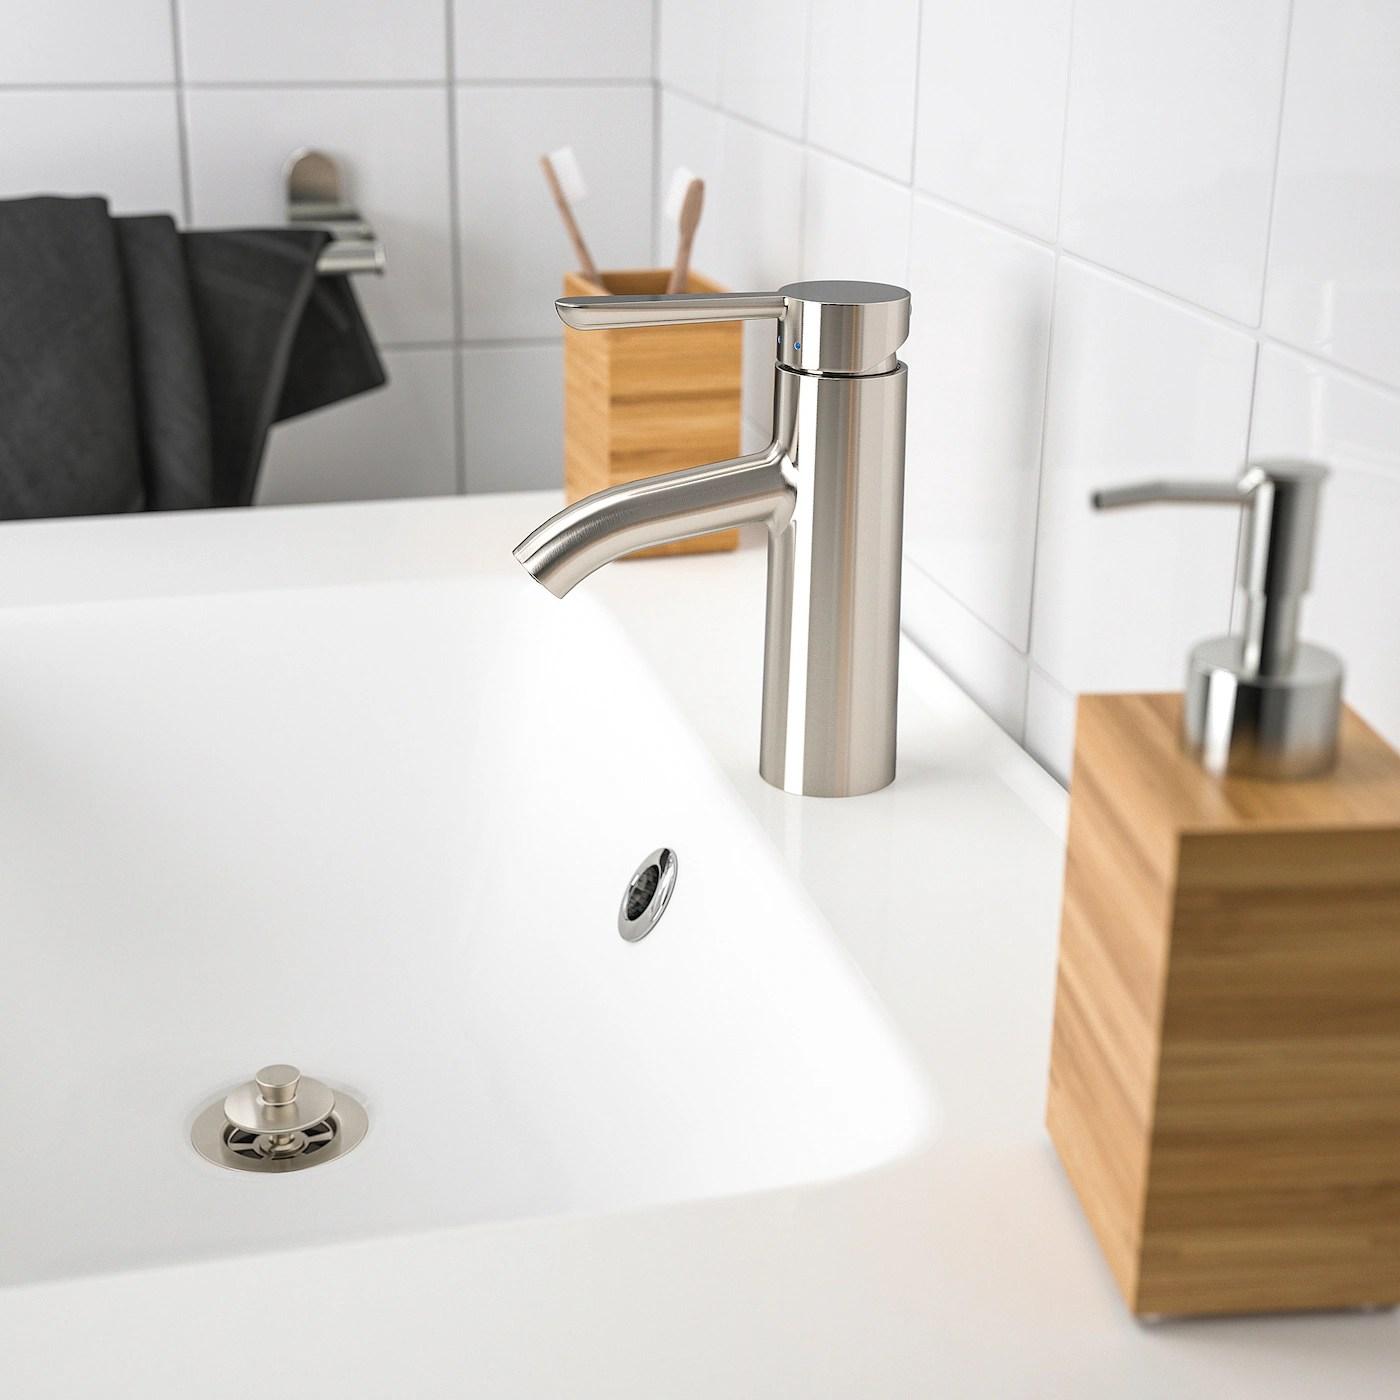 dalskar mitigeur lavabo avec bonde couleur acier inox